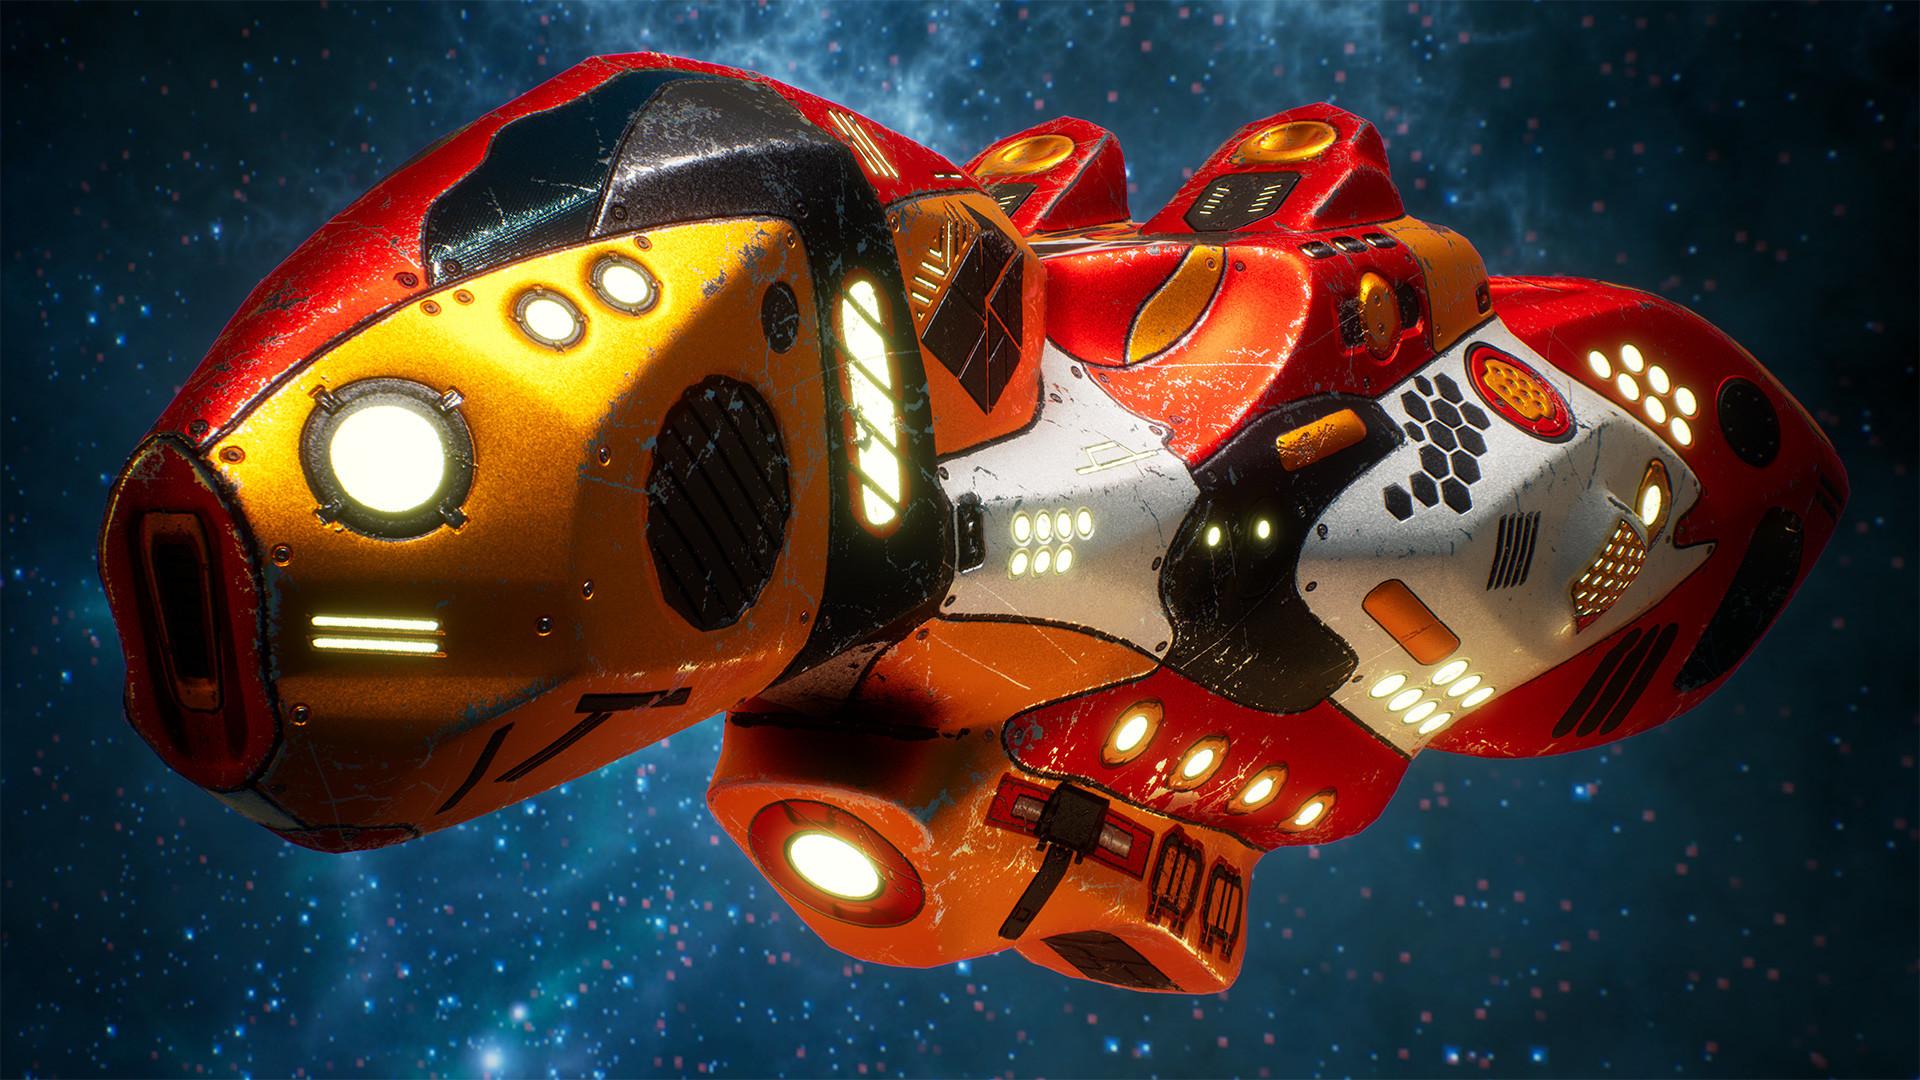 Andrew krivulya spaceship render 11